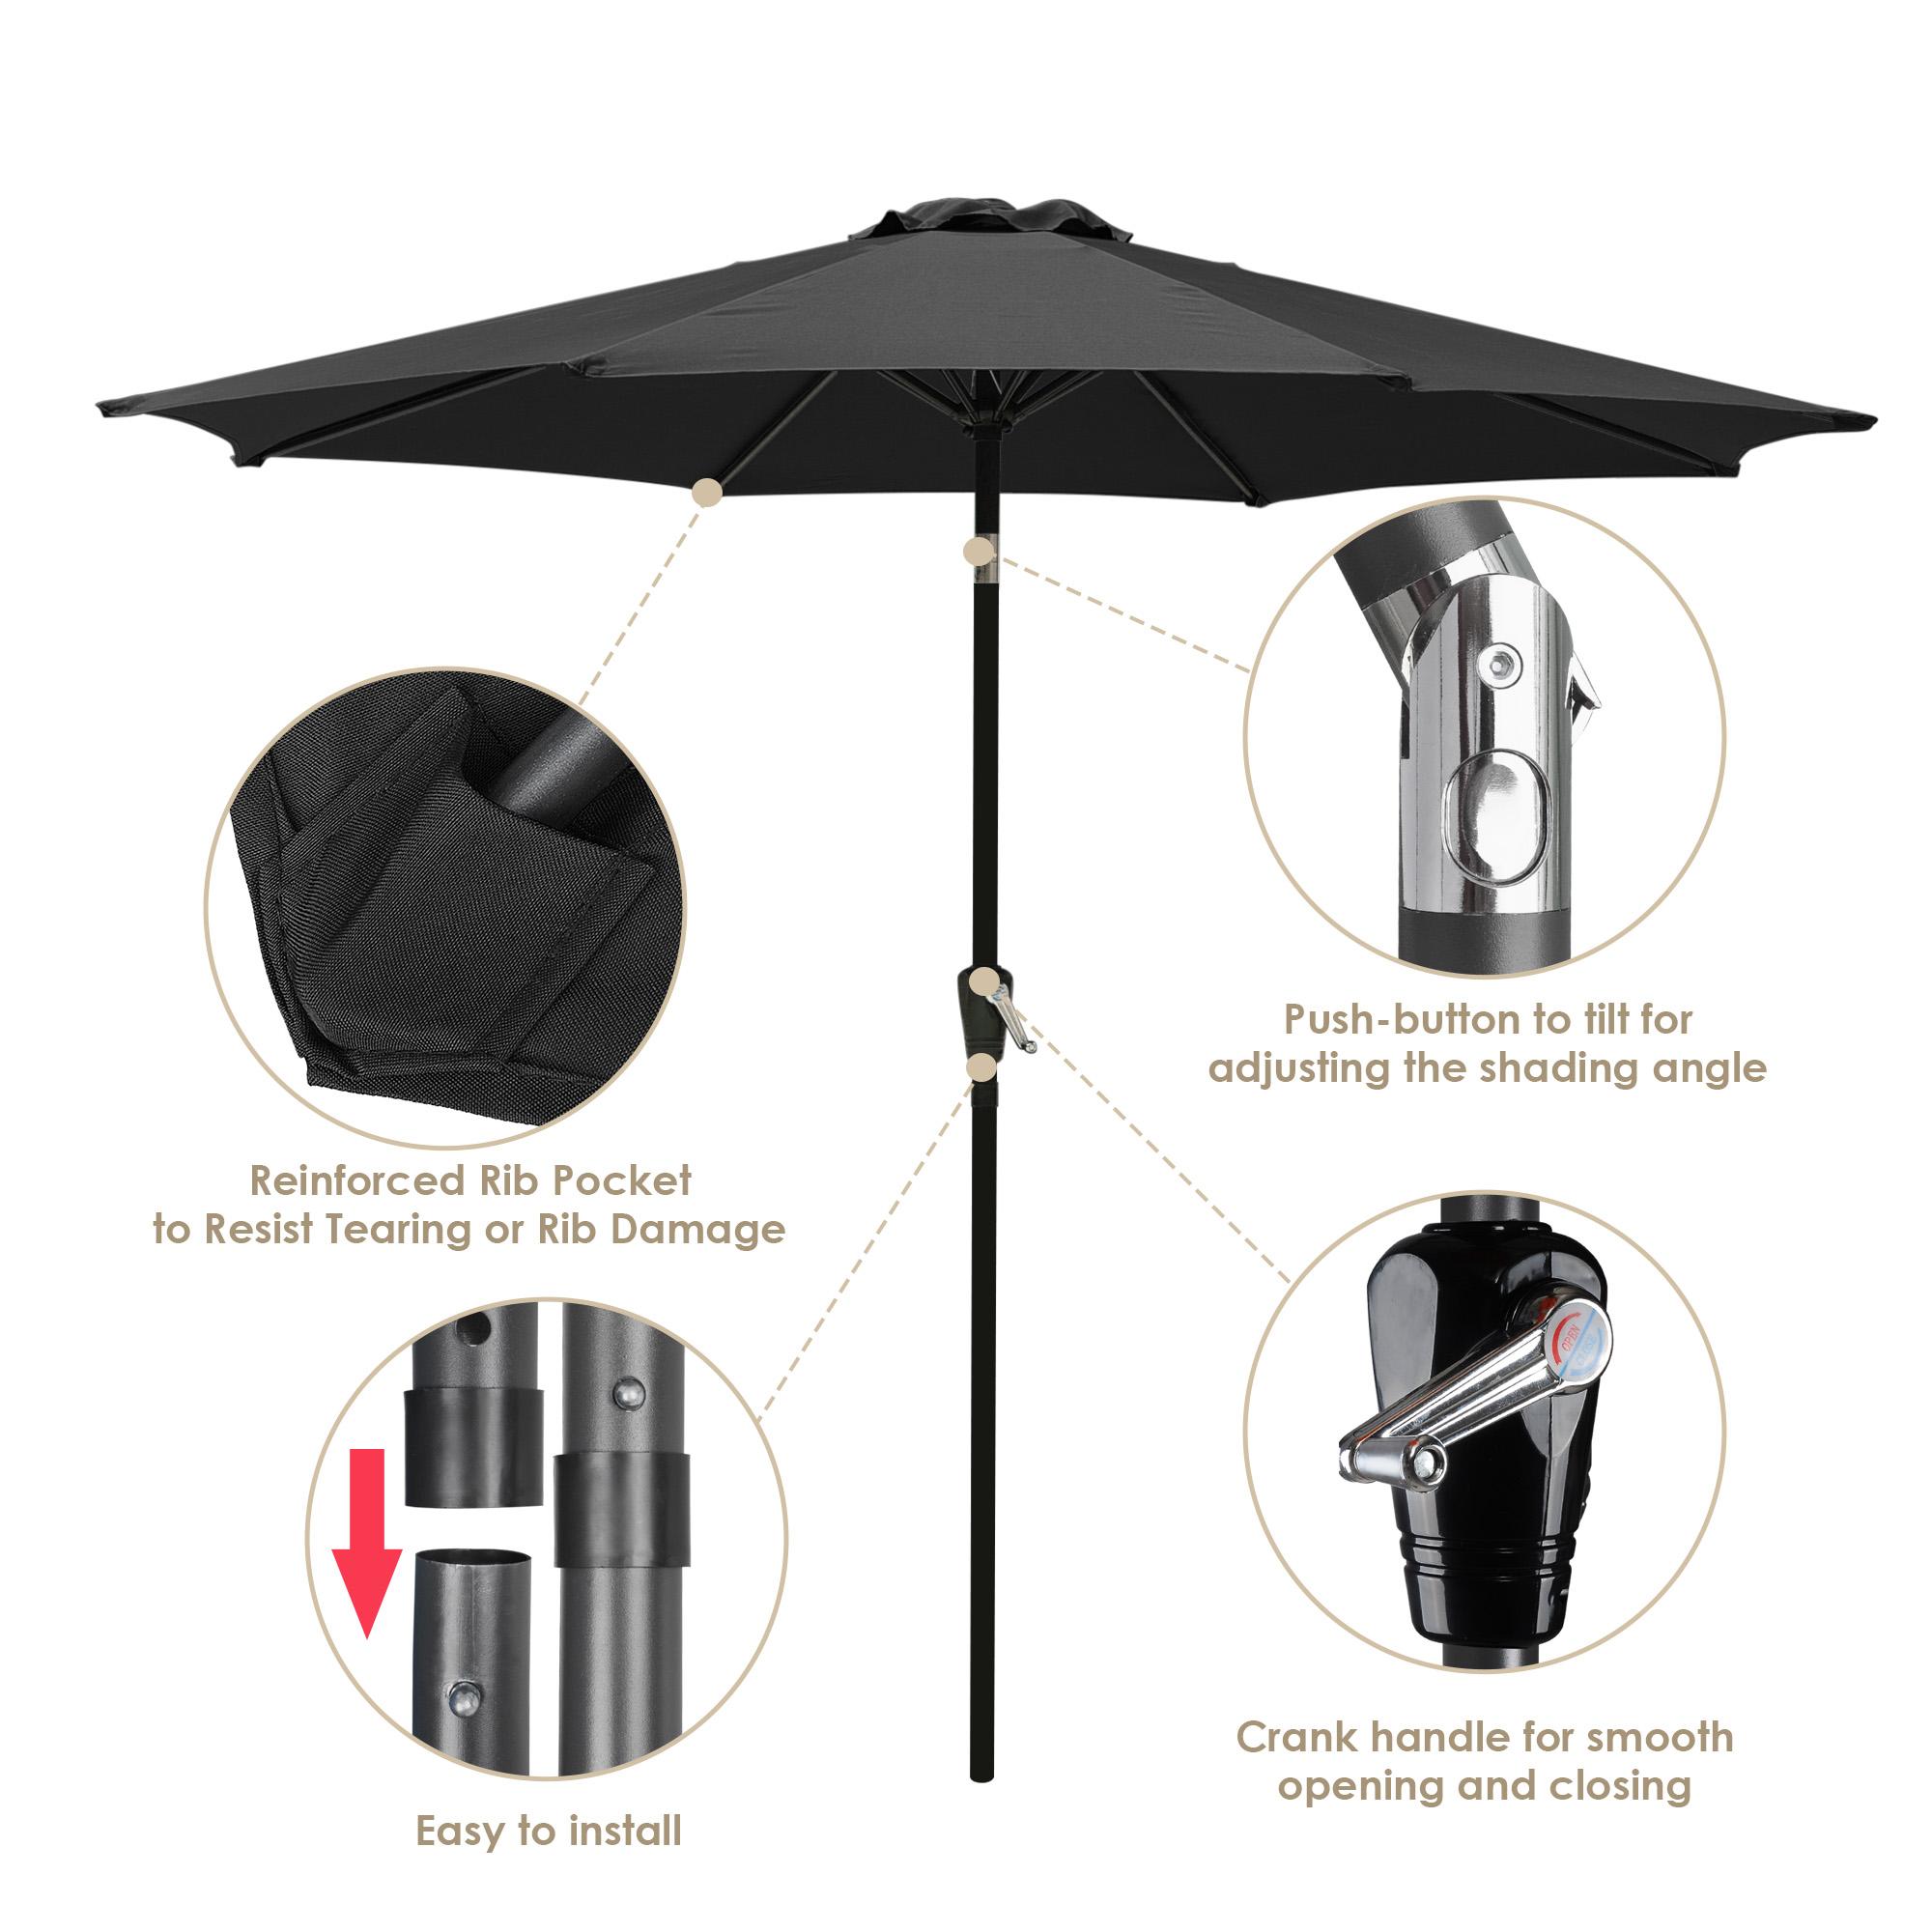 thumbnail 36 - 9' Outdoor Umbrella Patio 8 Ribs Market Garden Crank Tilt Beach Sunshade Parasol